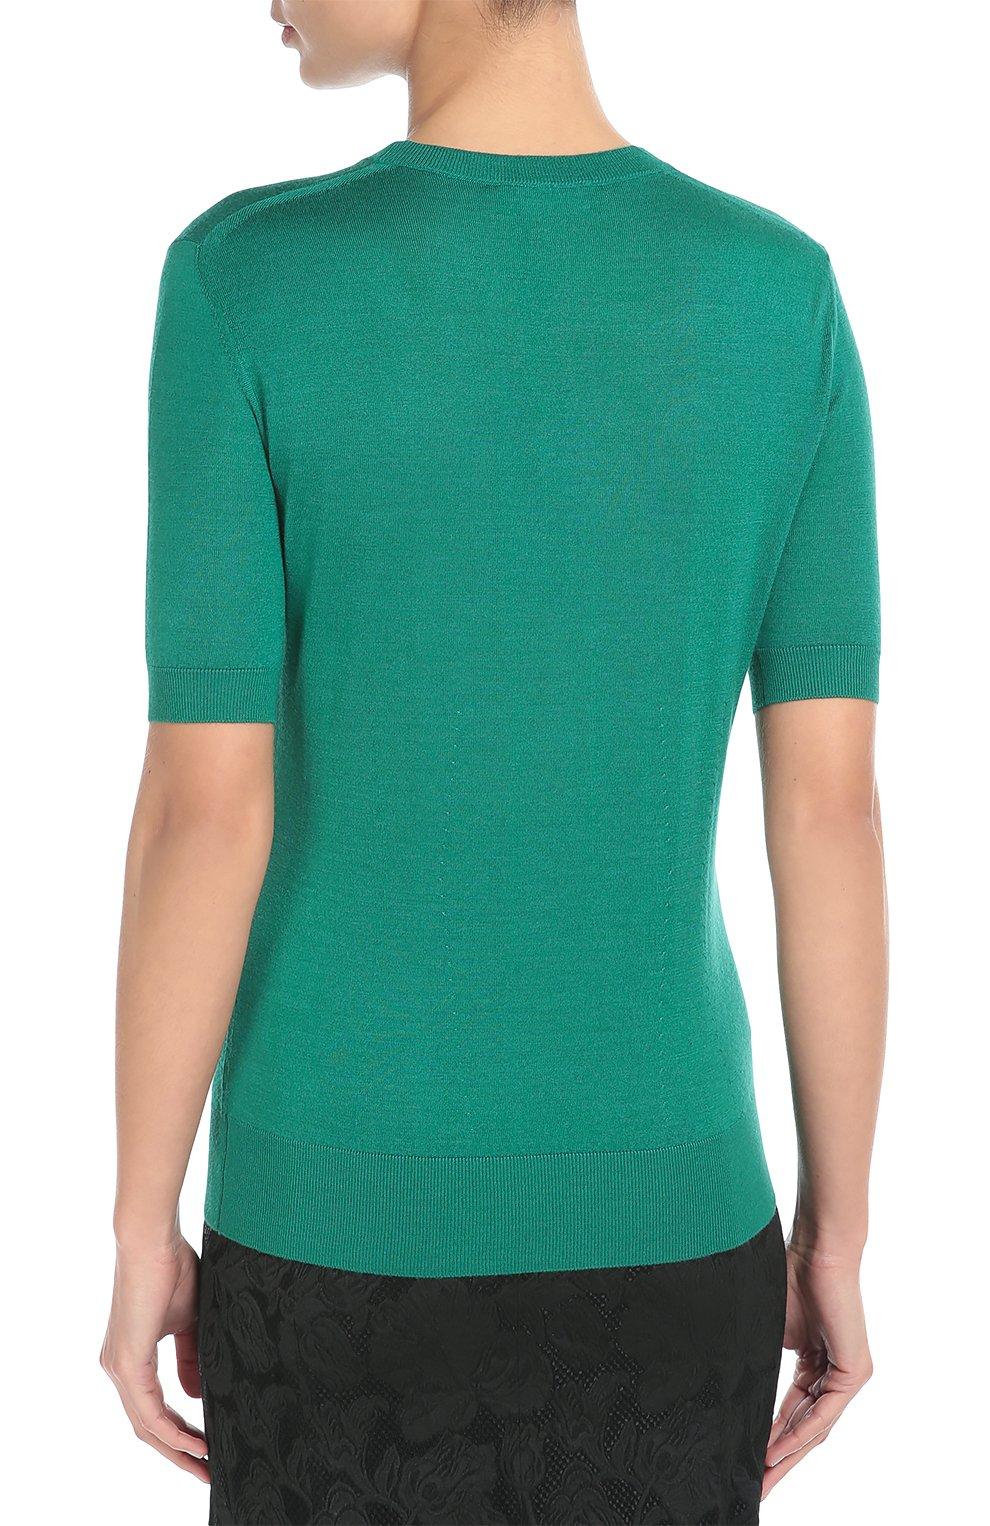 Зеленый пуловер с короткими рукавами доставка